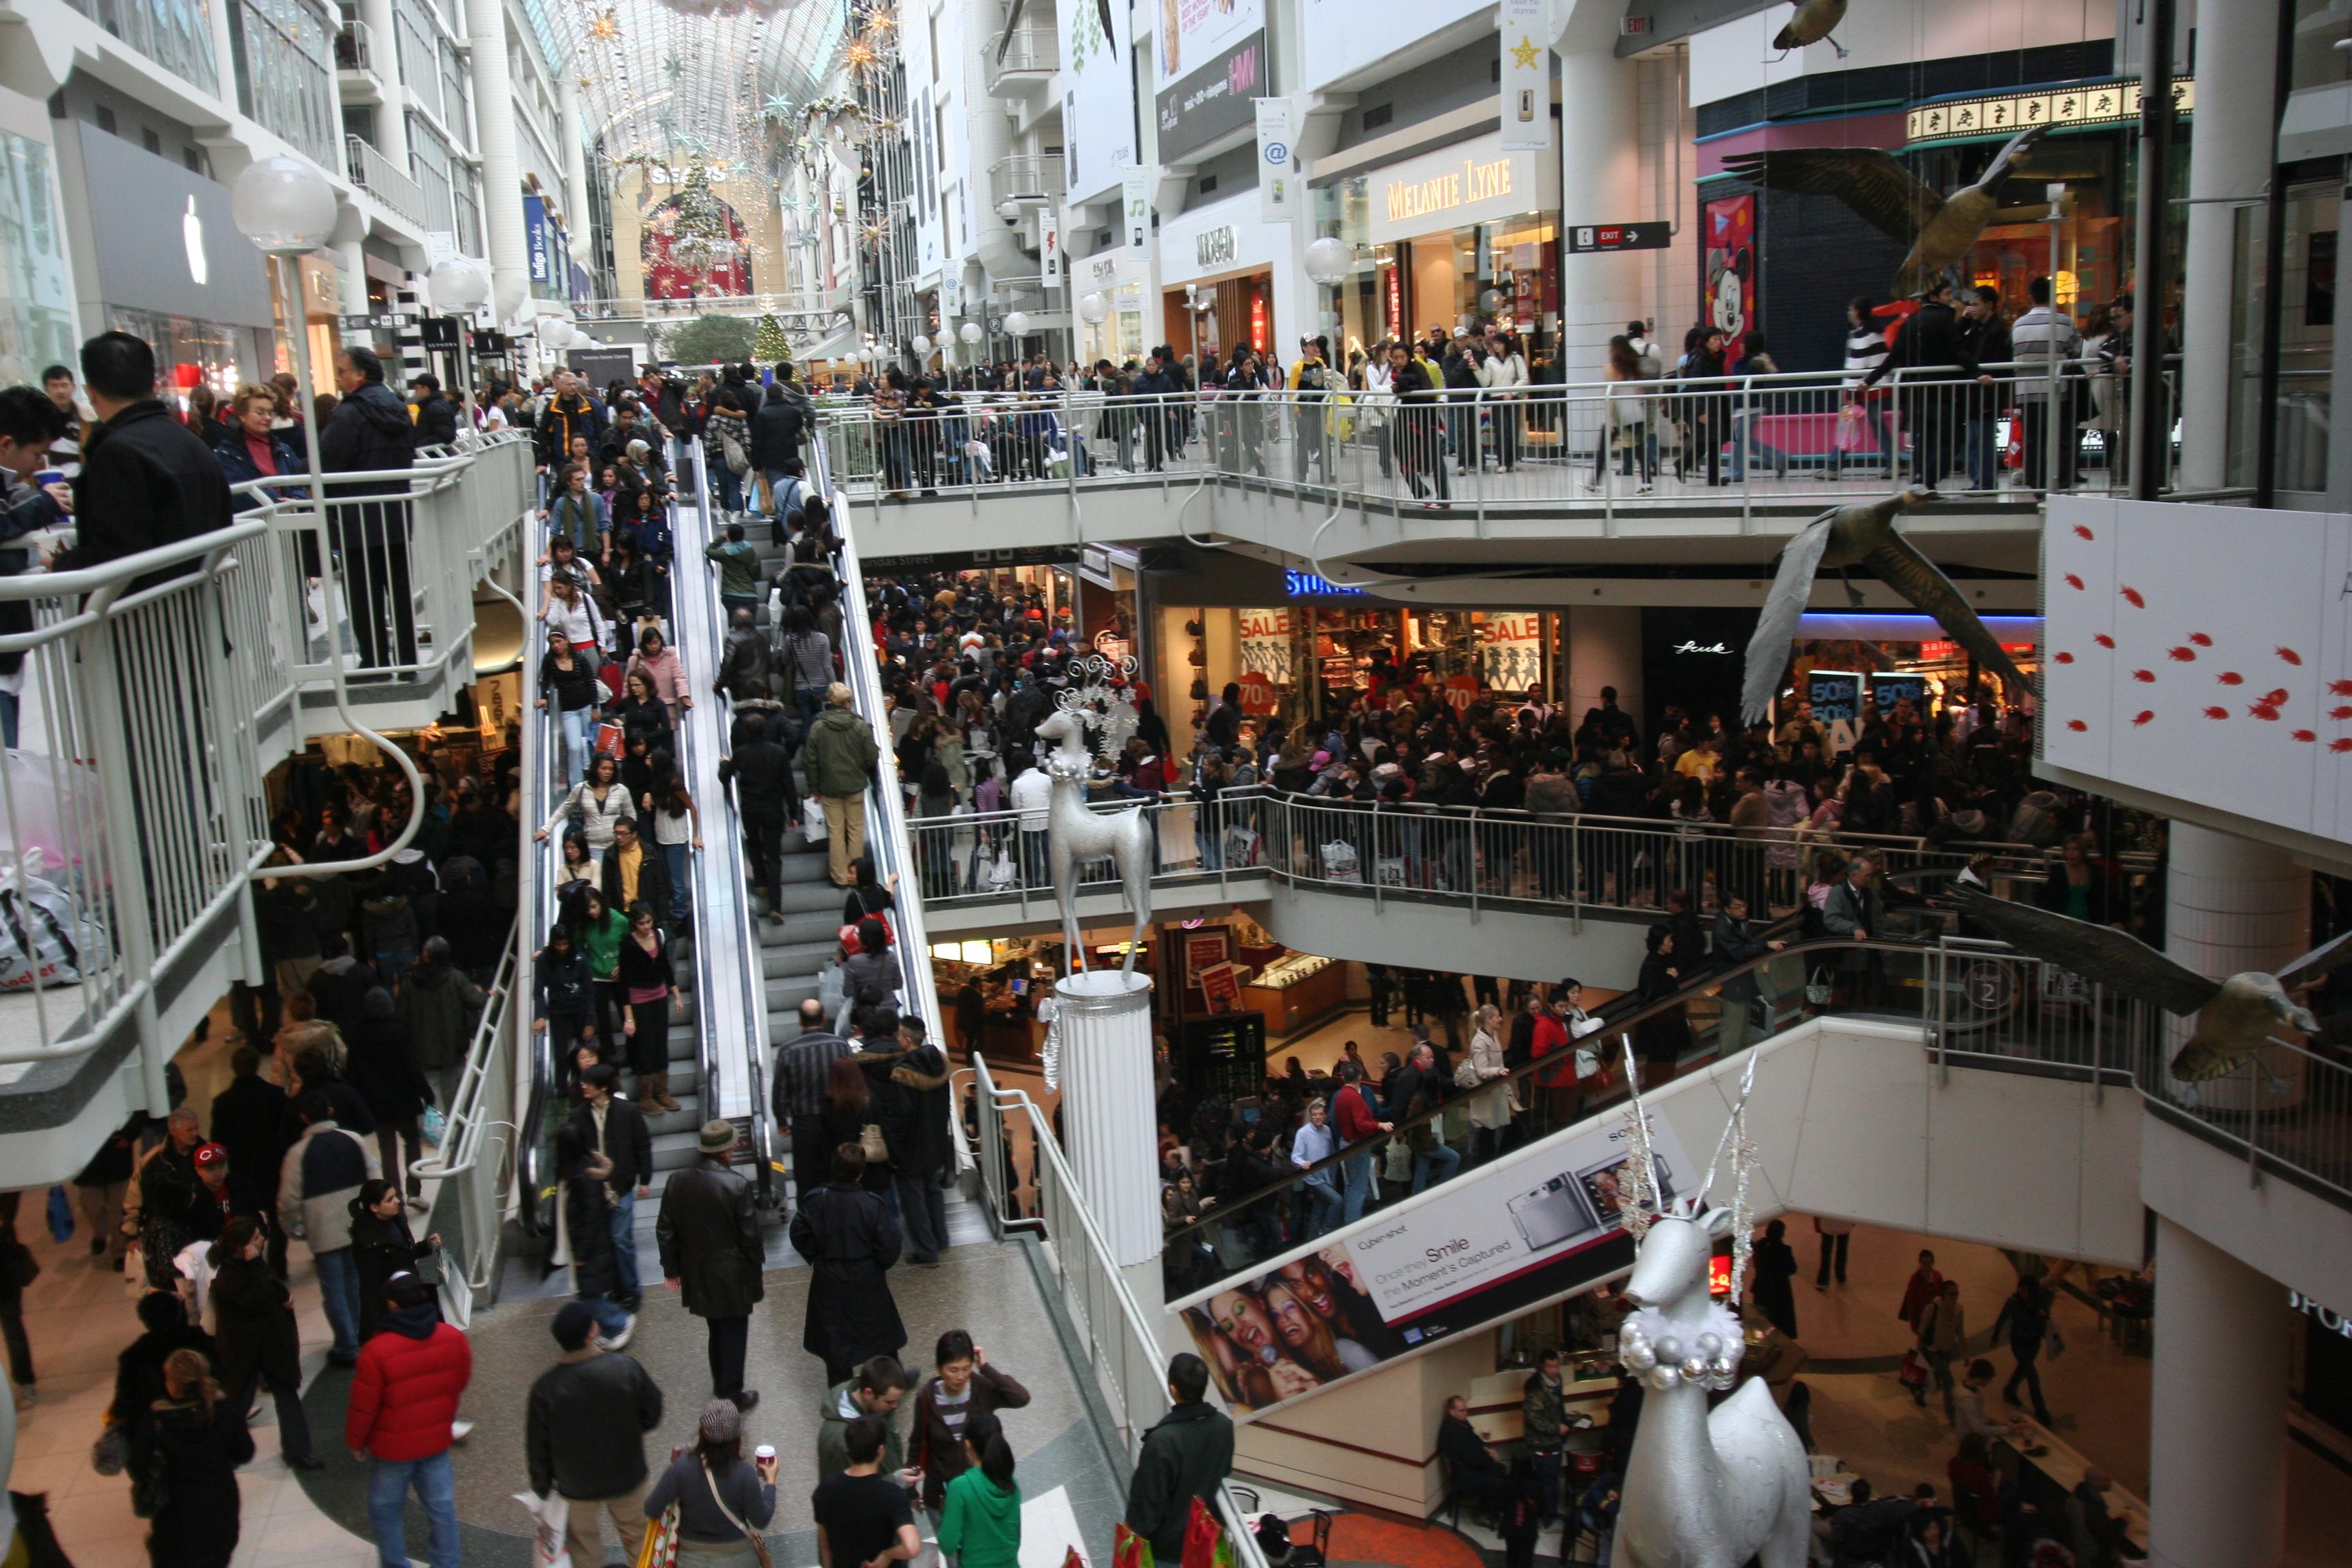 Holiday Shopping Bah Humbug Vision Viewpoint